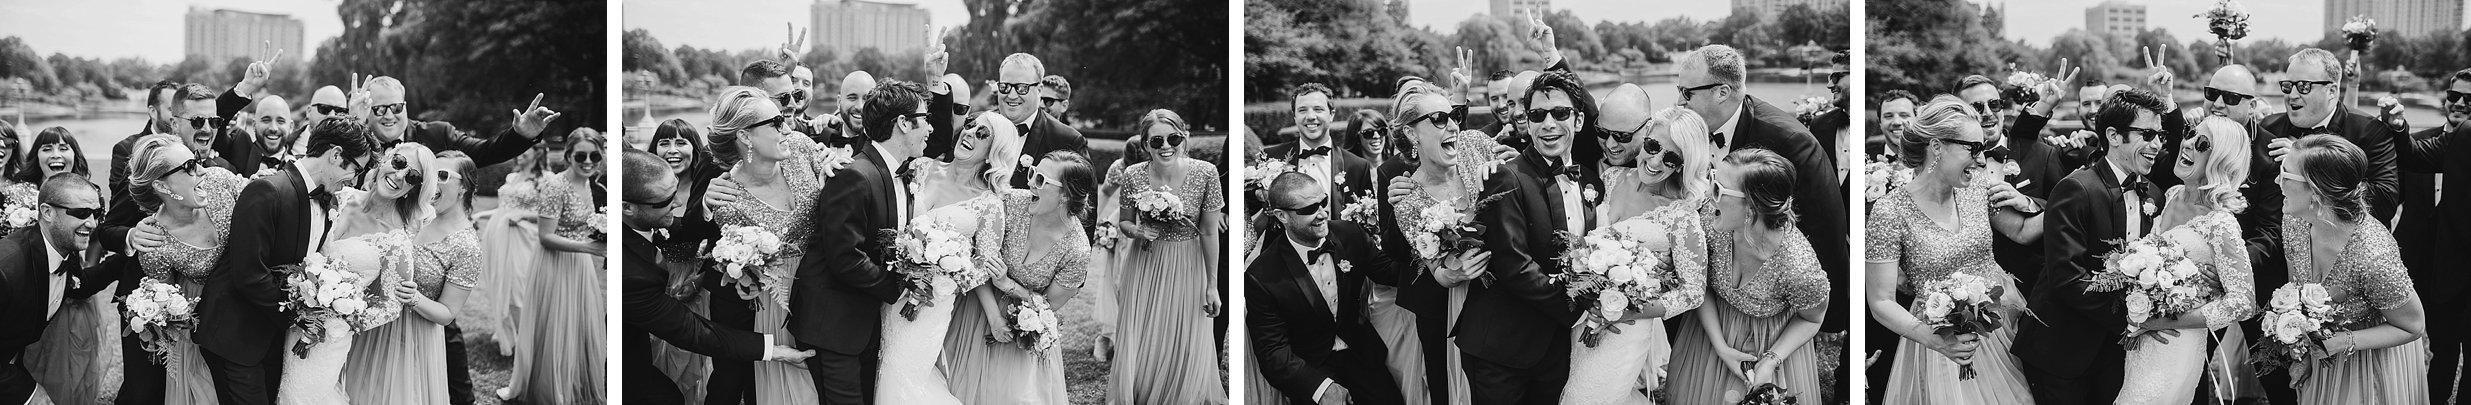 0095-Westwood Country Club Wedding_0070.jpg